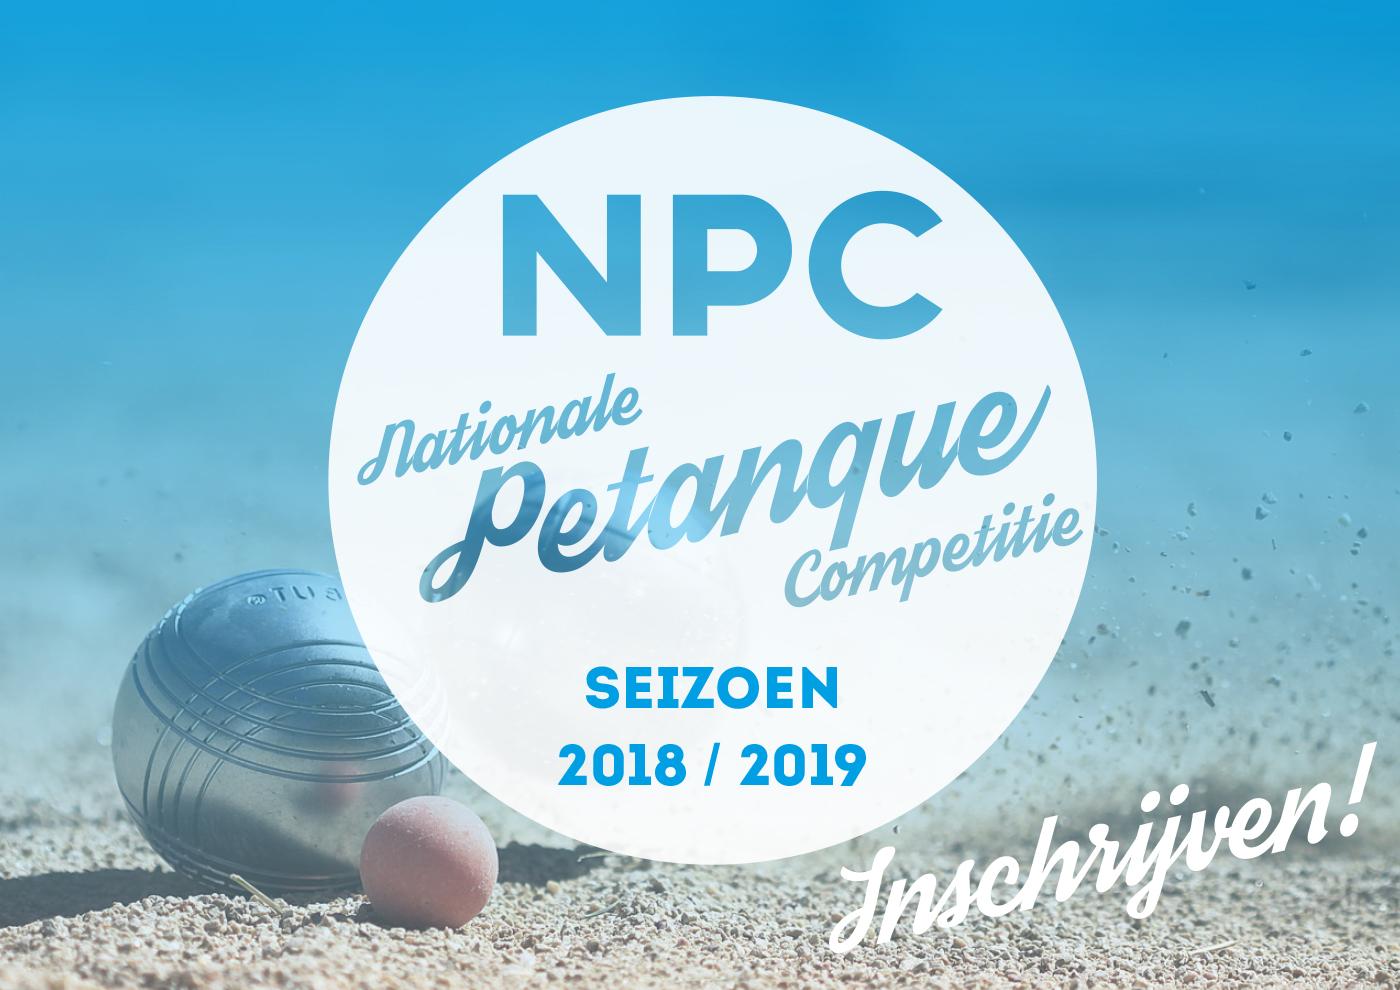 Nationale Petanque Competitie Inschrijven